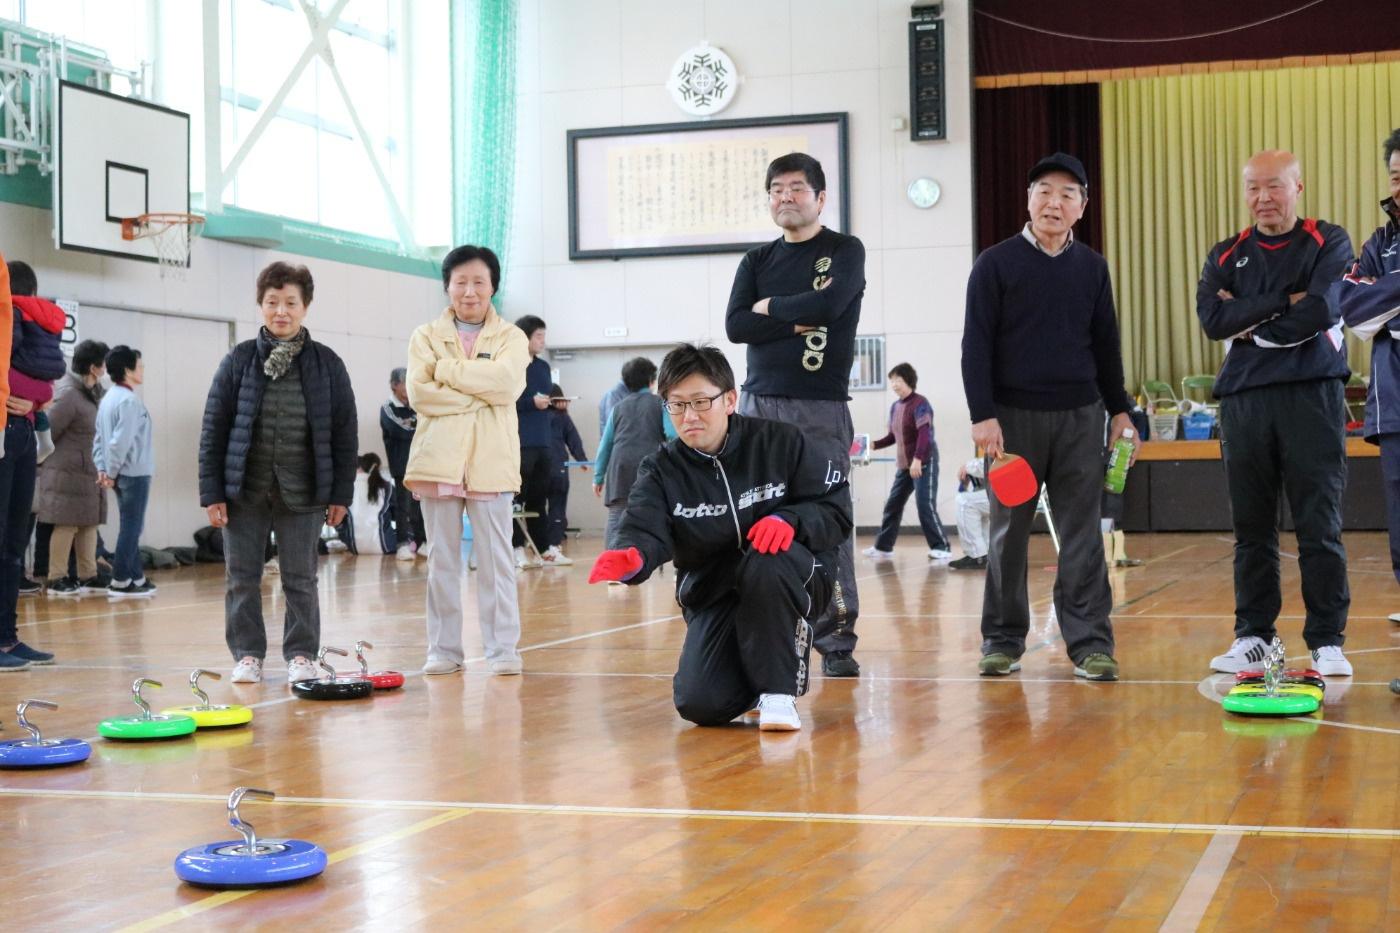 カローリングの様子|第29回吉島地区冬季スポーツレクリエーション大会